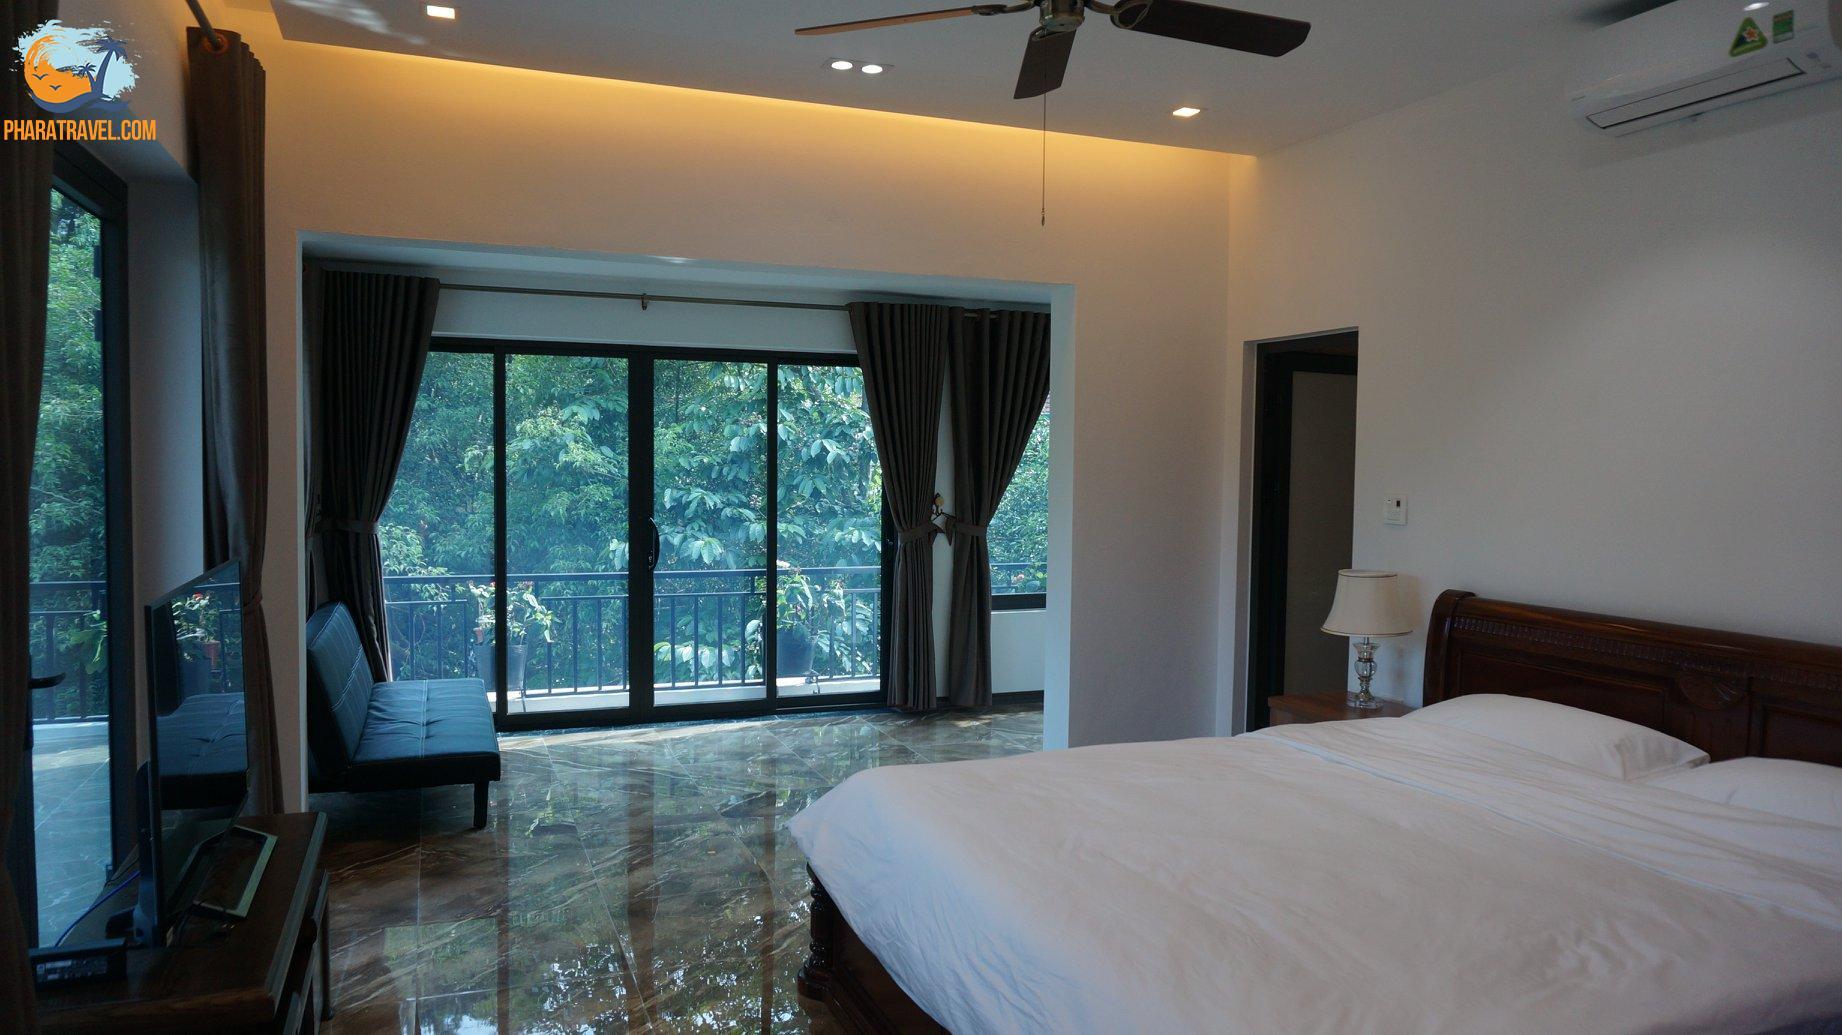 Top 30 biệt thự villa homestay Sóc Sơn giá rẻ đẹp có hồ bơi dành cho bạn